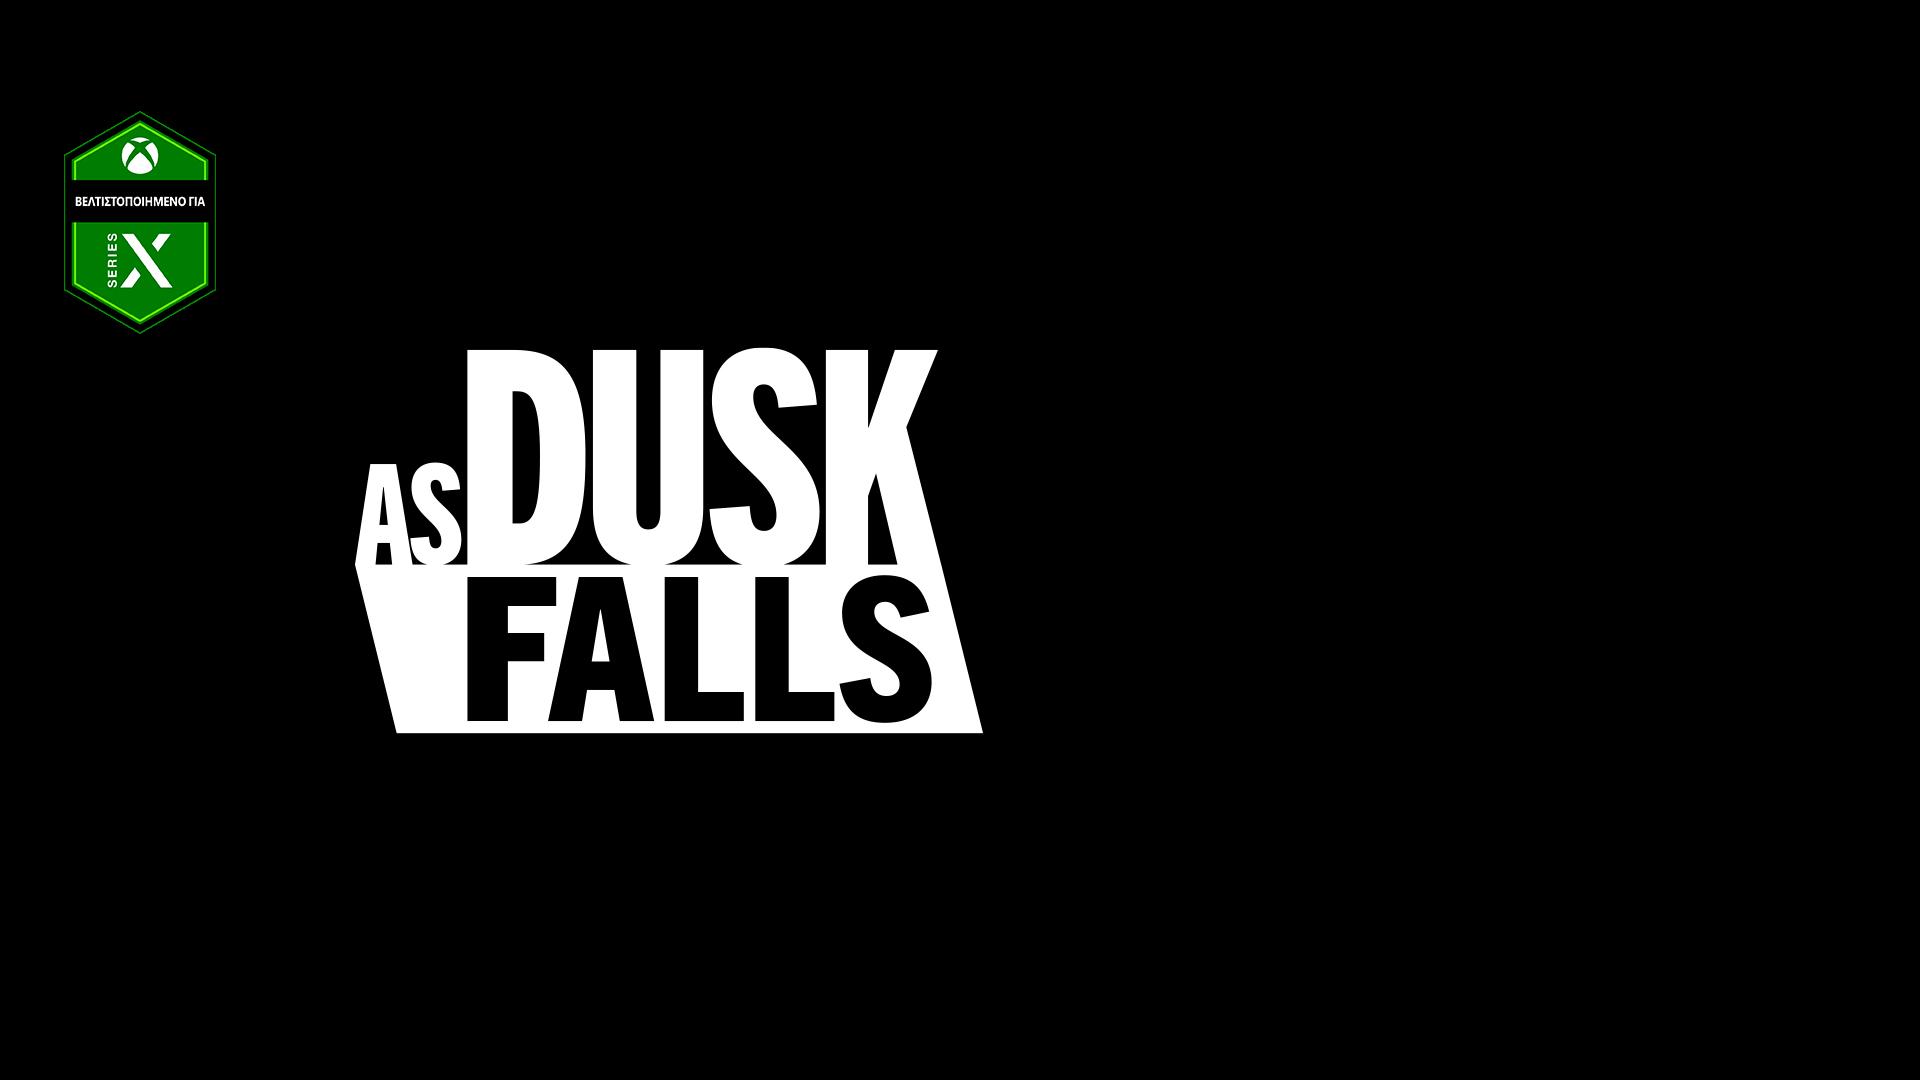 Λογότυπο Βελτιστοποιημένο για Series X, As Dusk Falls